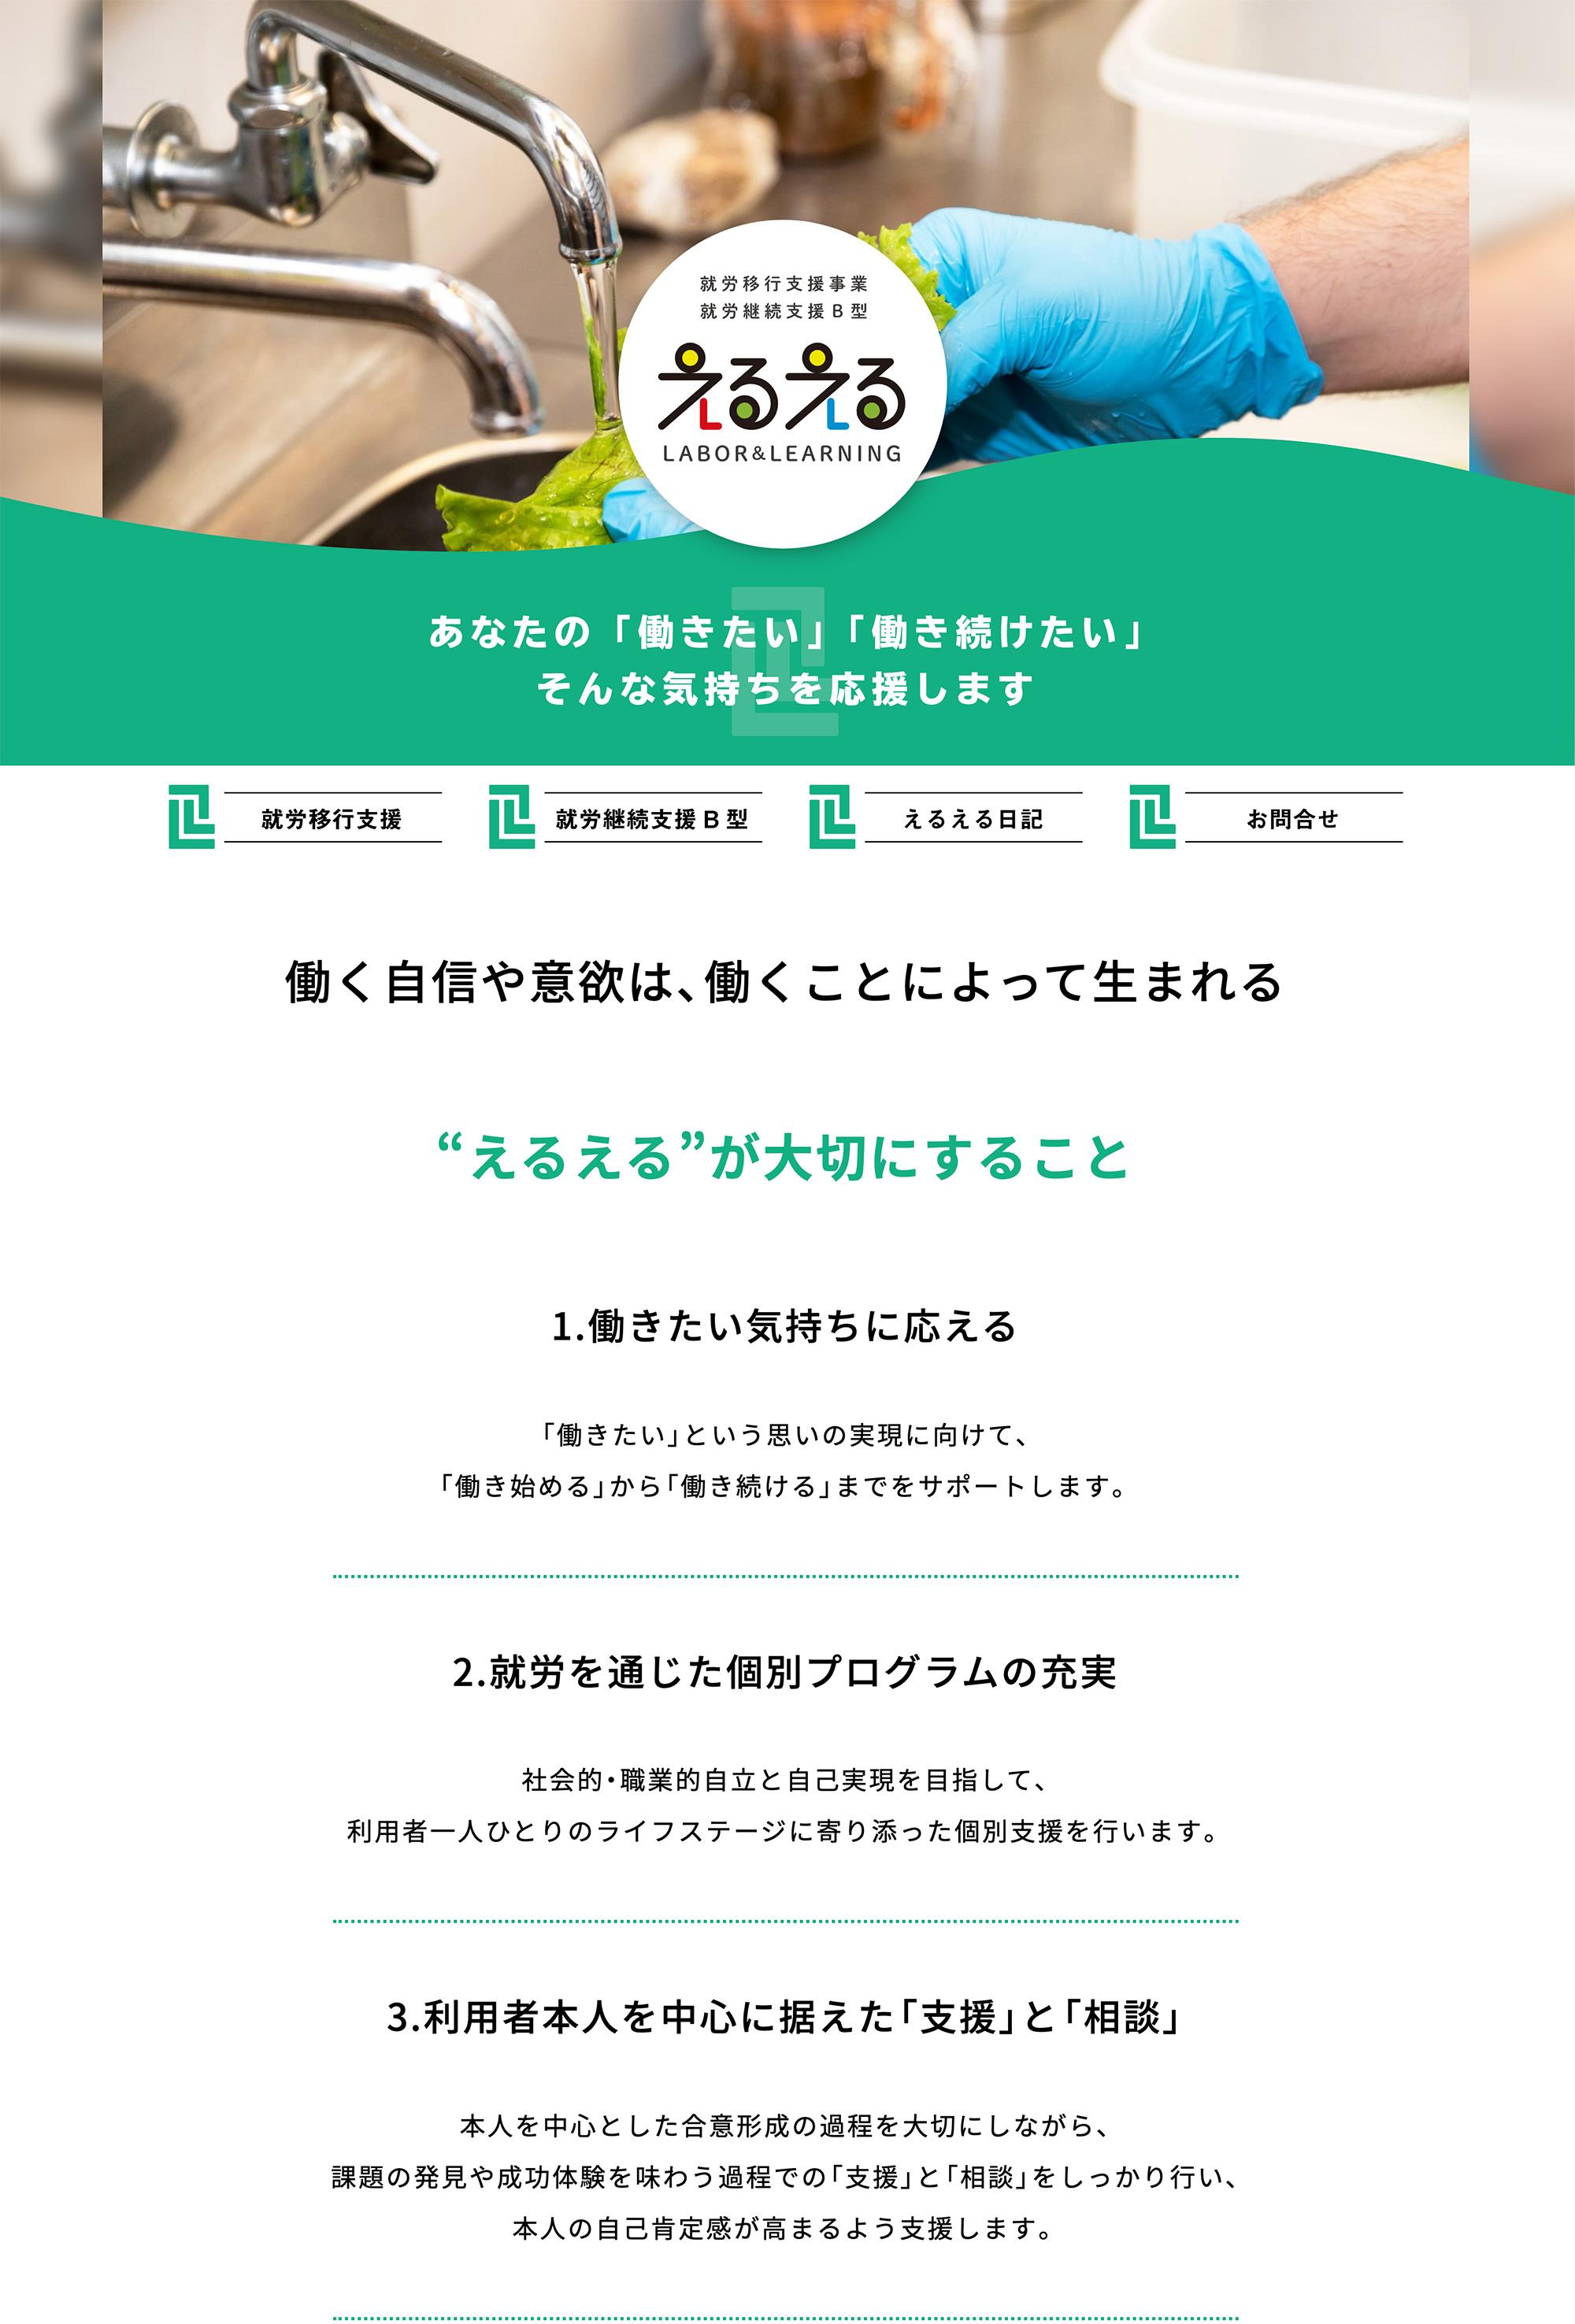 就労支援事業所「えるえる」|一般社団法人エル・チャレンジ